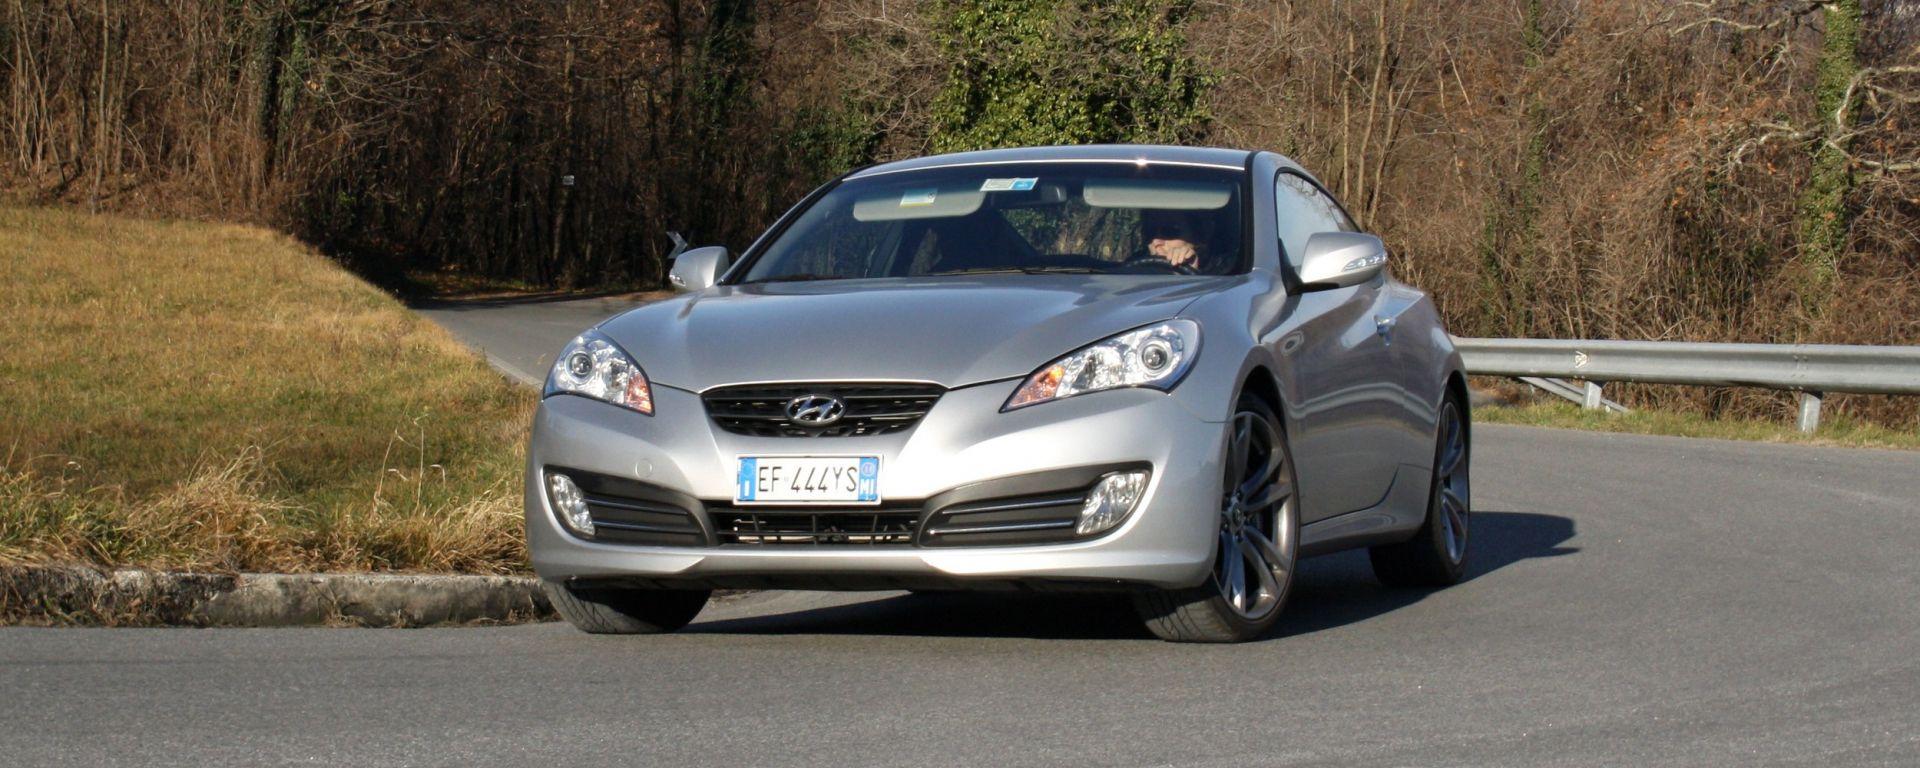 Hyundai Genesis Coupé 2.0 Turbo Sport